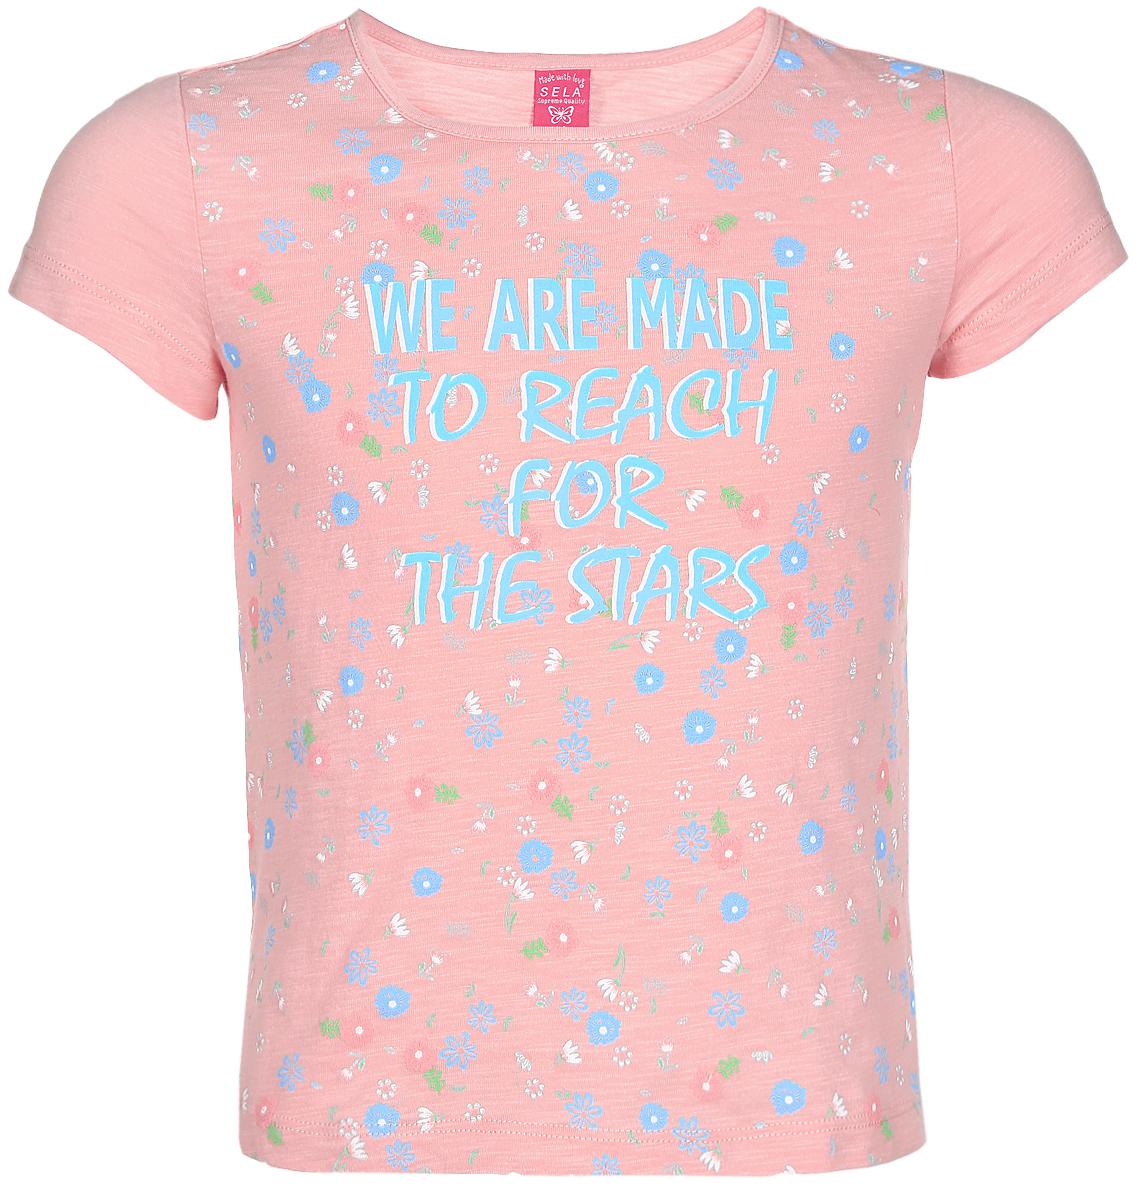 Футболка для девочки Sela, цвет: персиковый. Ts-611/625-7151. Размер 134, 9 летTs-611/625-7151Футболка для девочки Sela изготовлена из высококачественного натурального хлопка. Модель с короткими рукавами и круглым вырезом горловины украшена ярким цветочным принтом и надписью We Are Made To Reach For The Stars.